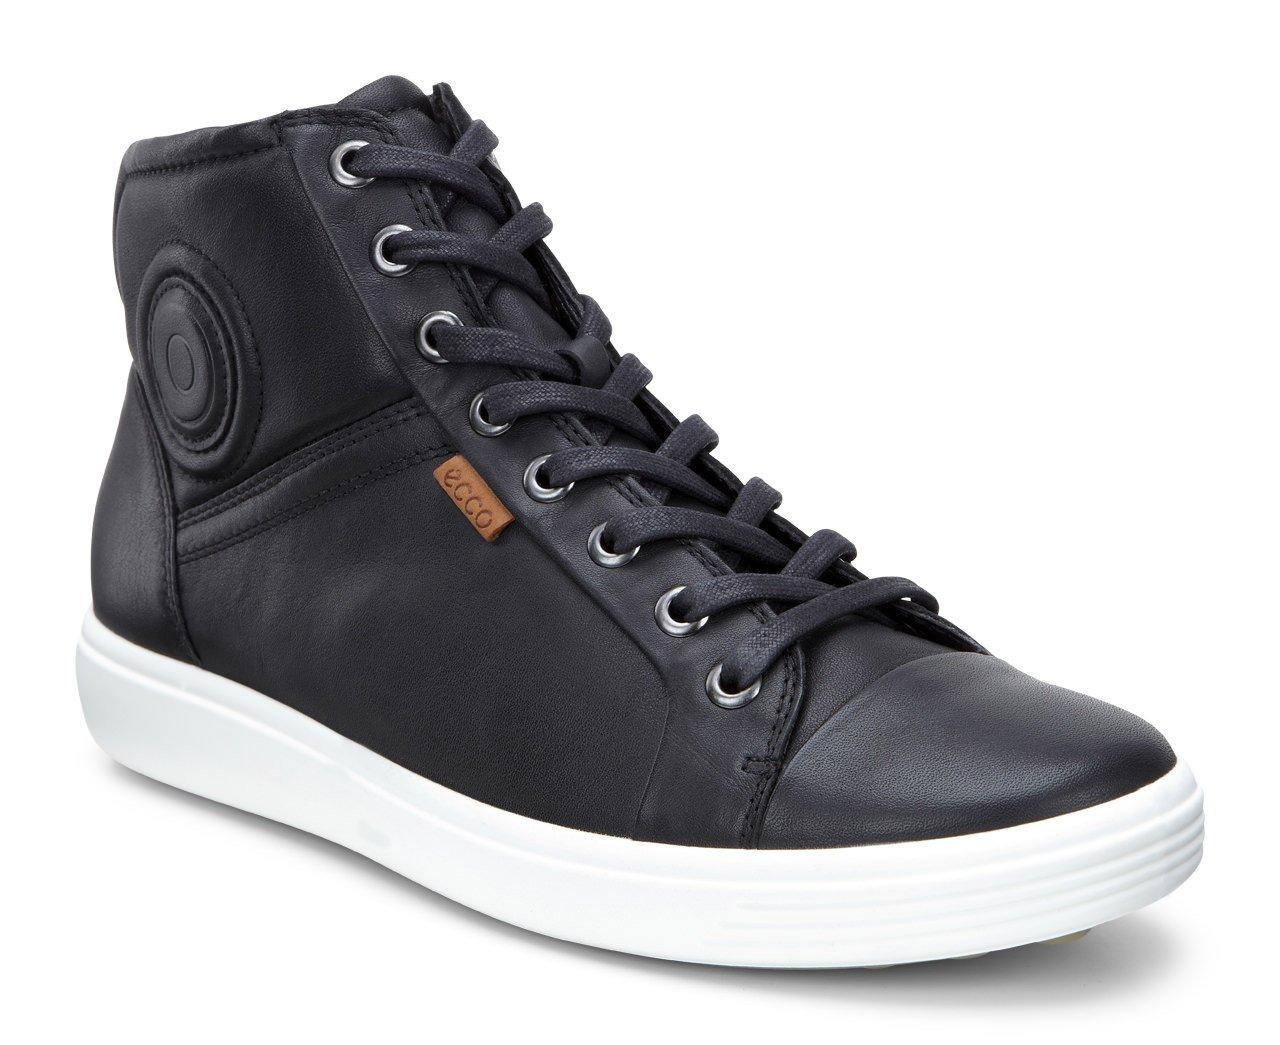 ECCO 女式柔软 7 高帮鞋